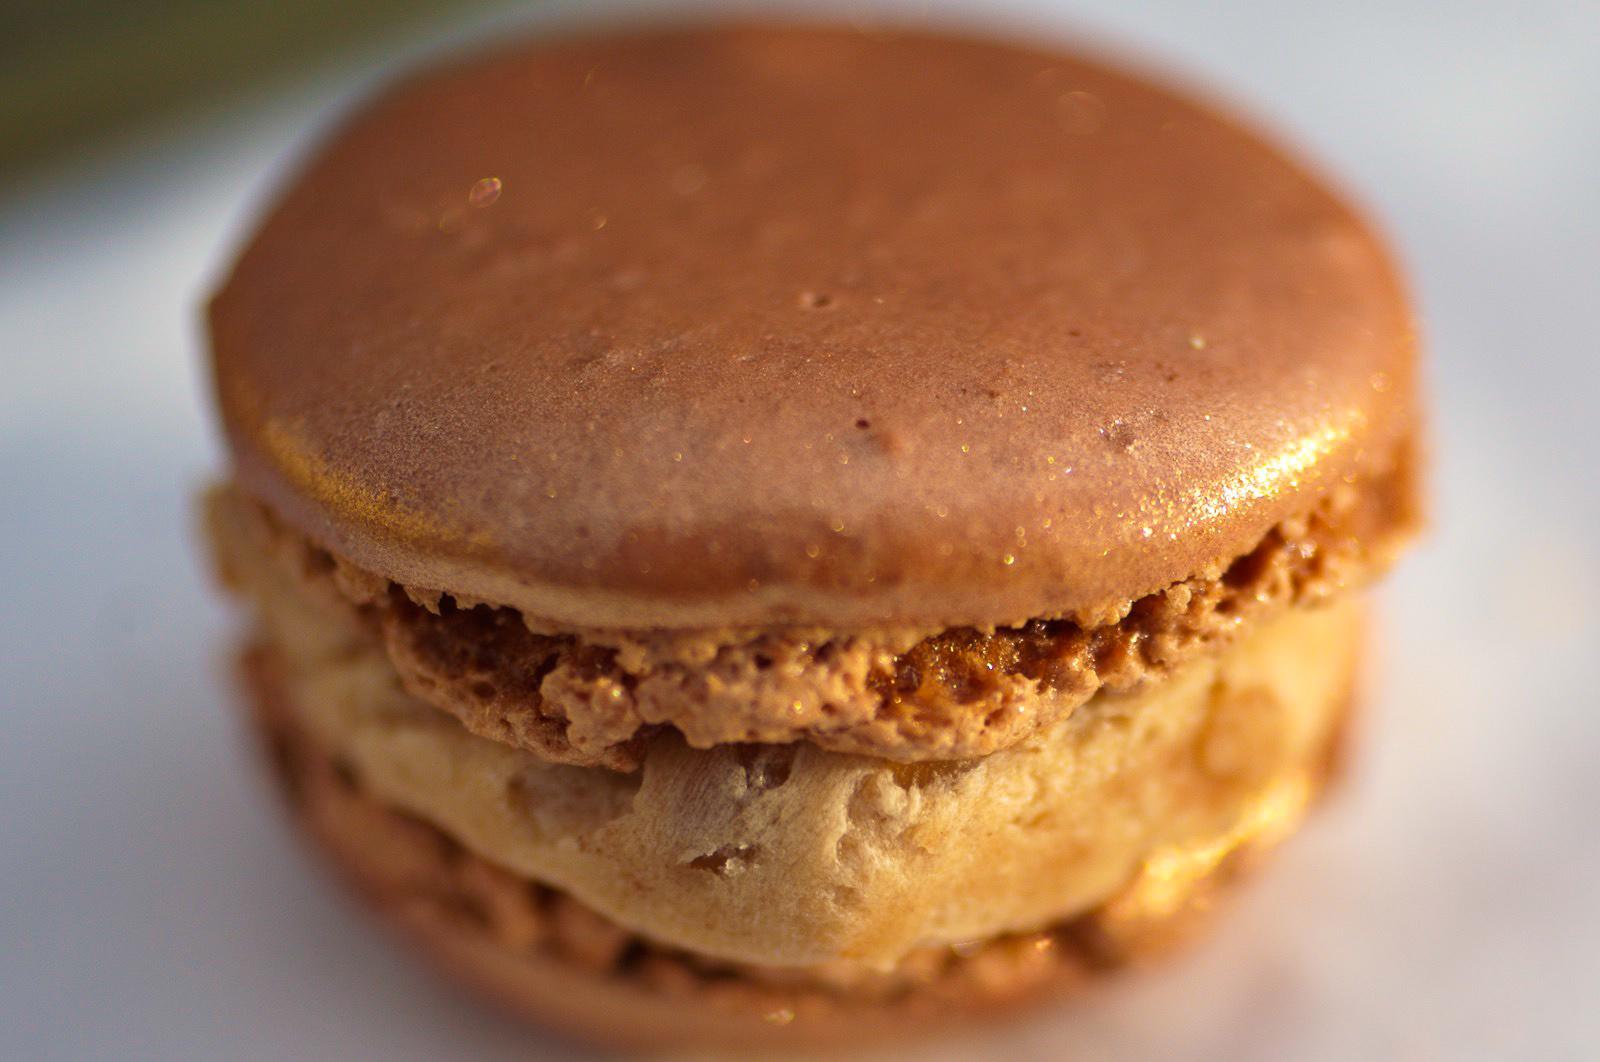 Marron & Thé Vert Matcha - Biscuit macaron marron, crème aux marrons glacés et crème onctueuse au